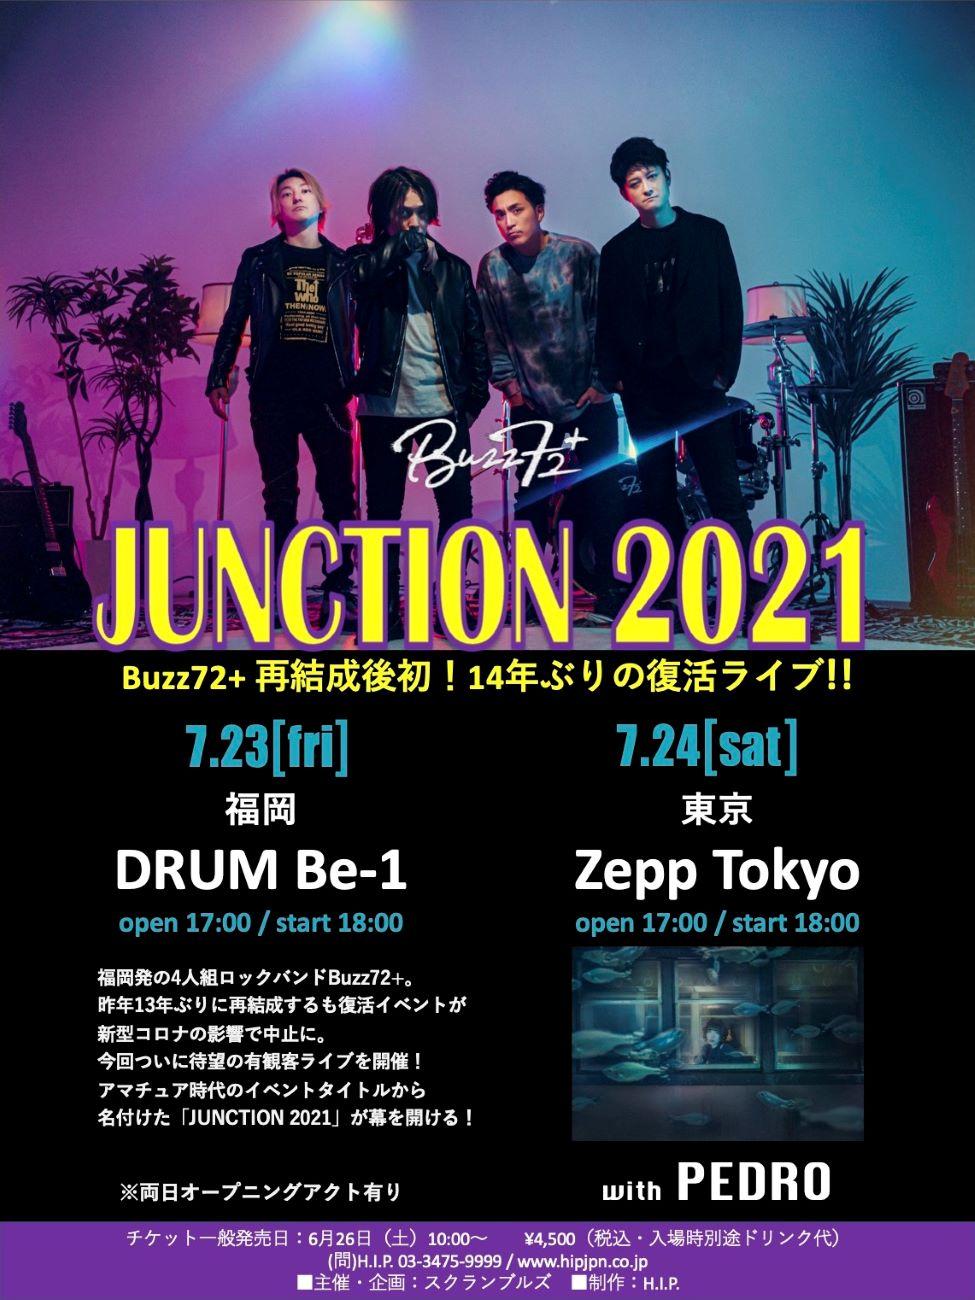 Buzz72+ / PEDRO <オープニングアクト有り>│JUNCTION 2021